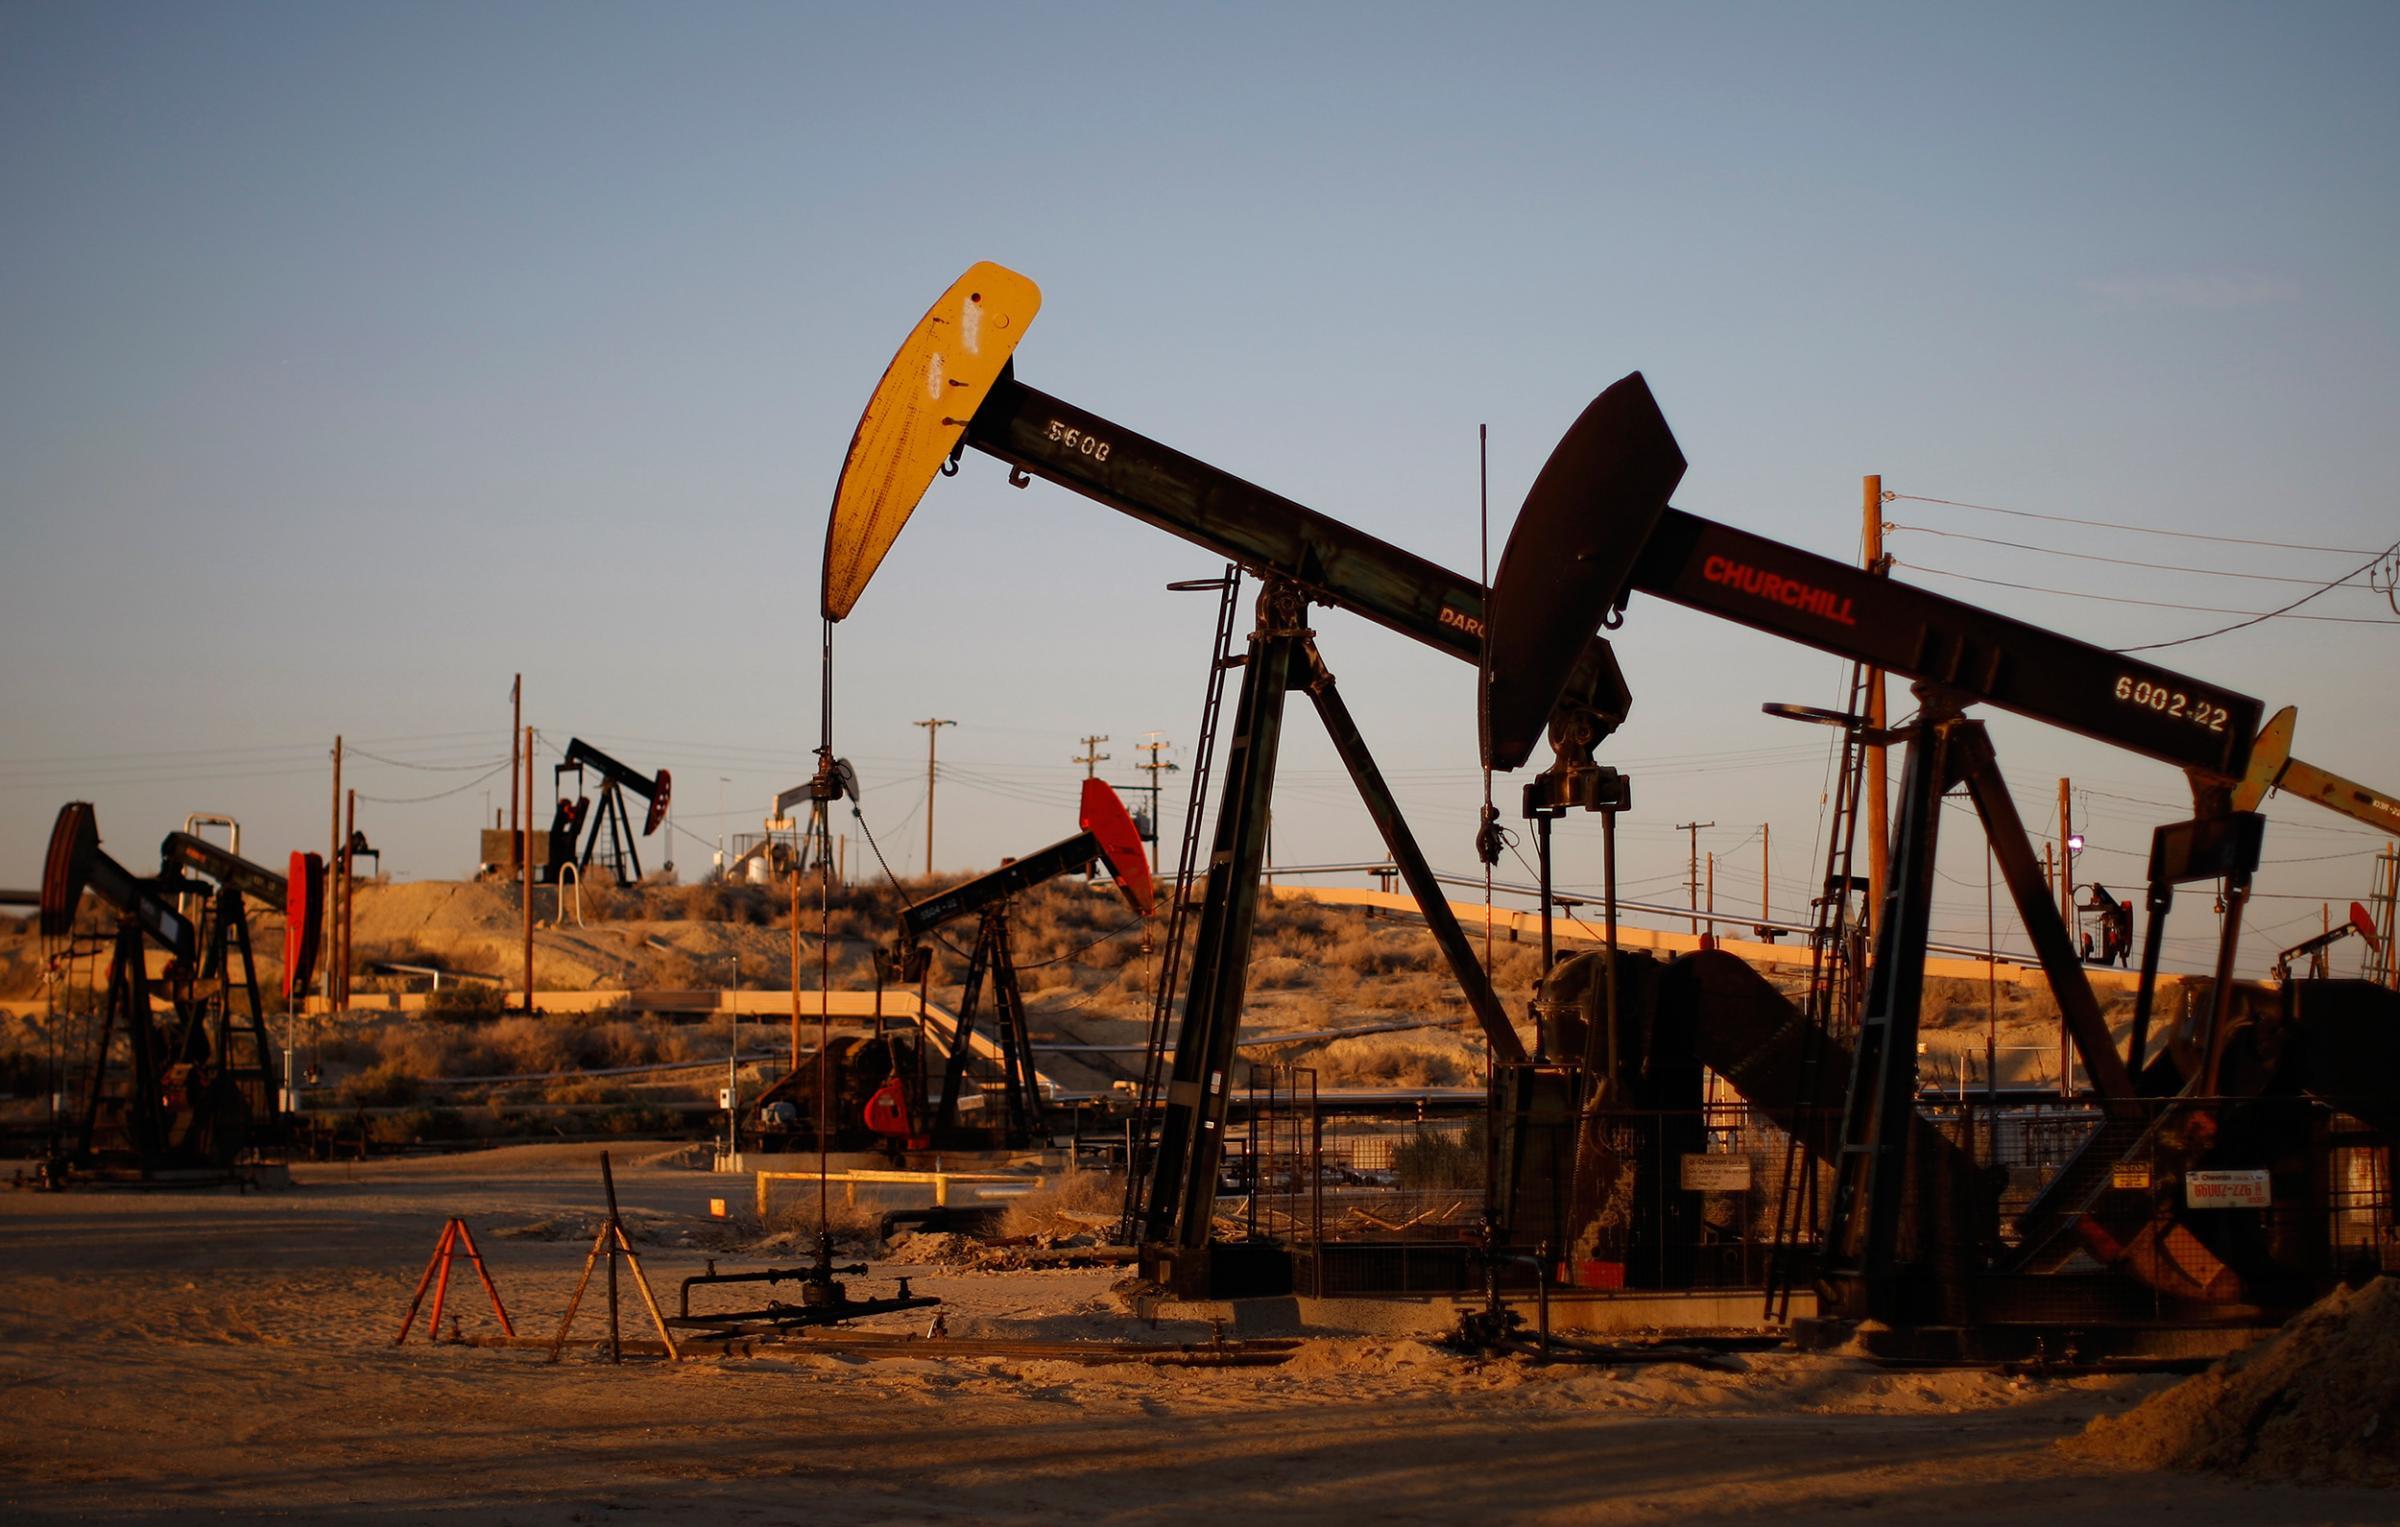 Новая APT-группа нацелилась на промышленный сектор на Ближнем Востоке